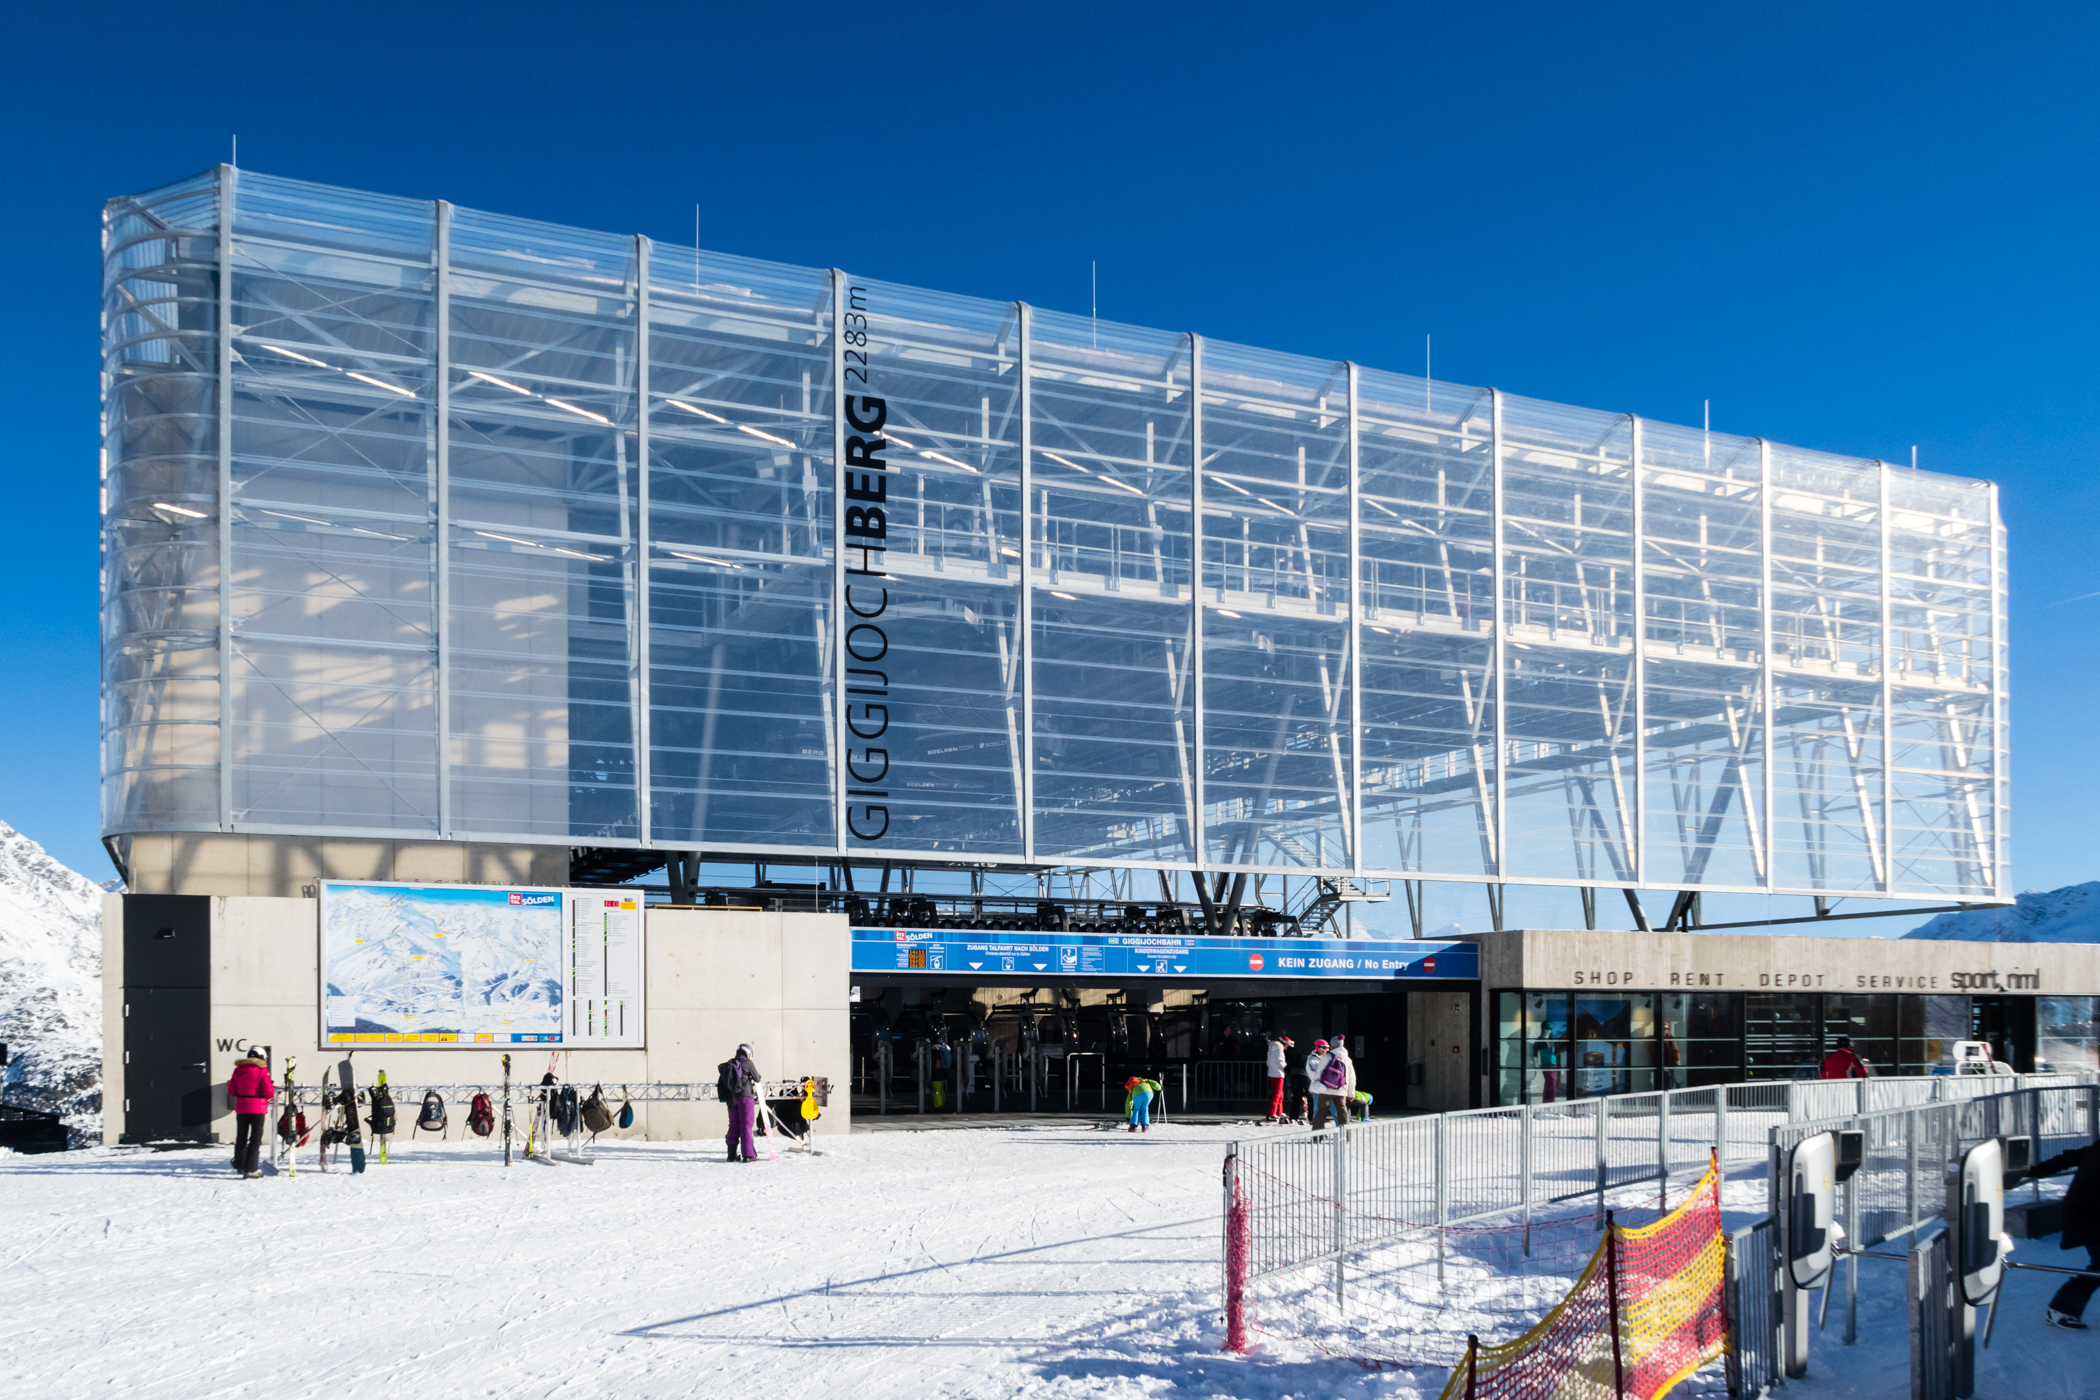 I november 2017 kunne du stå på ski helt ned til Giggijochbahns topstation // Foto: Troels Kjems